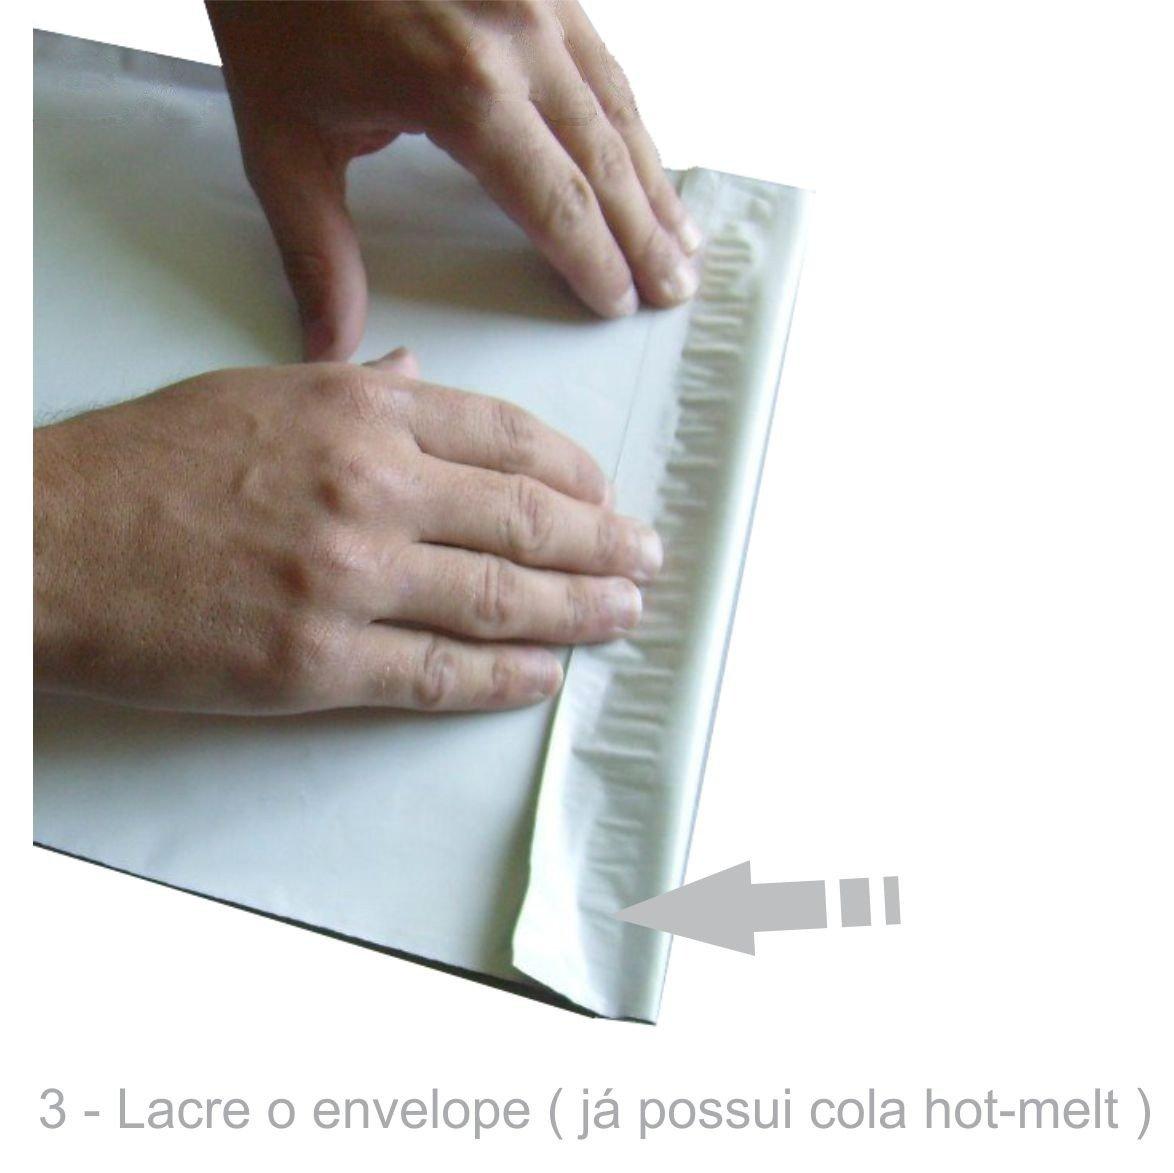 Envelope Plástico Segurança Lacre Tipo Sedex Impresso 15x24 (100pcs)